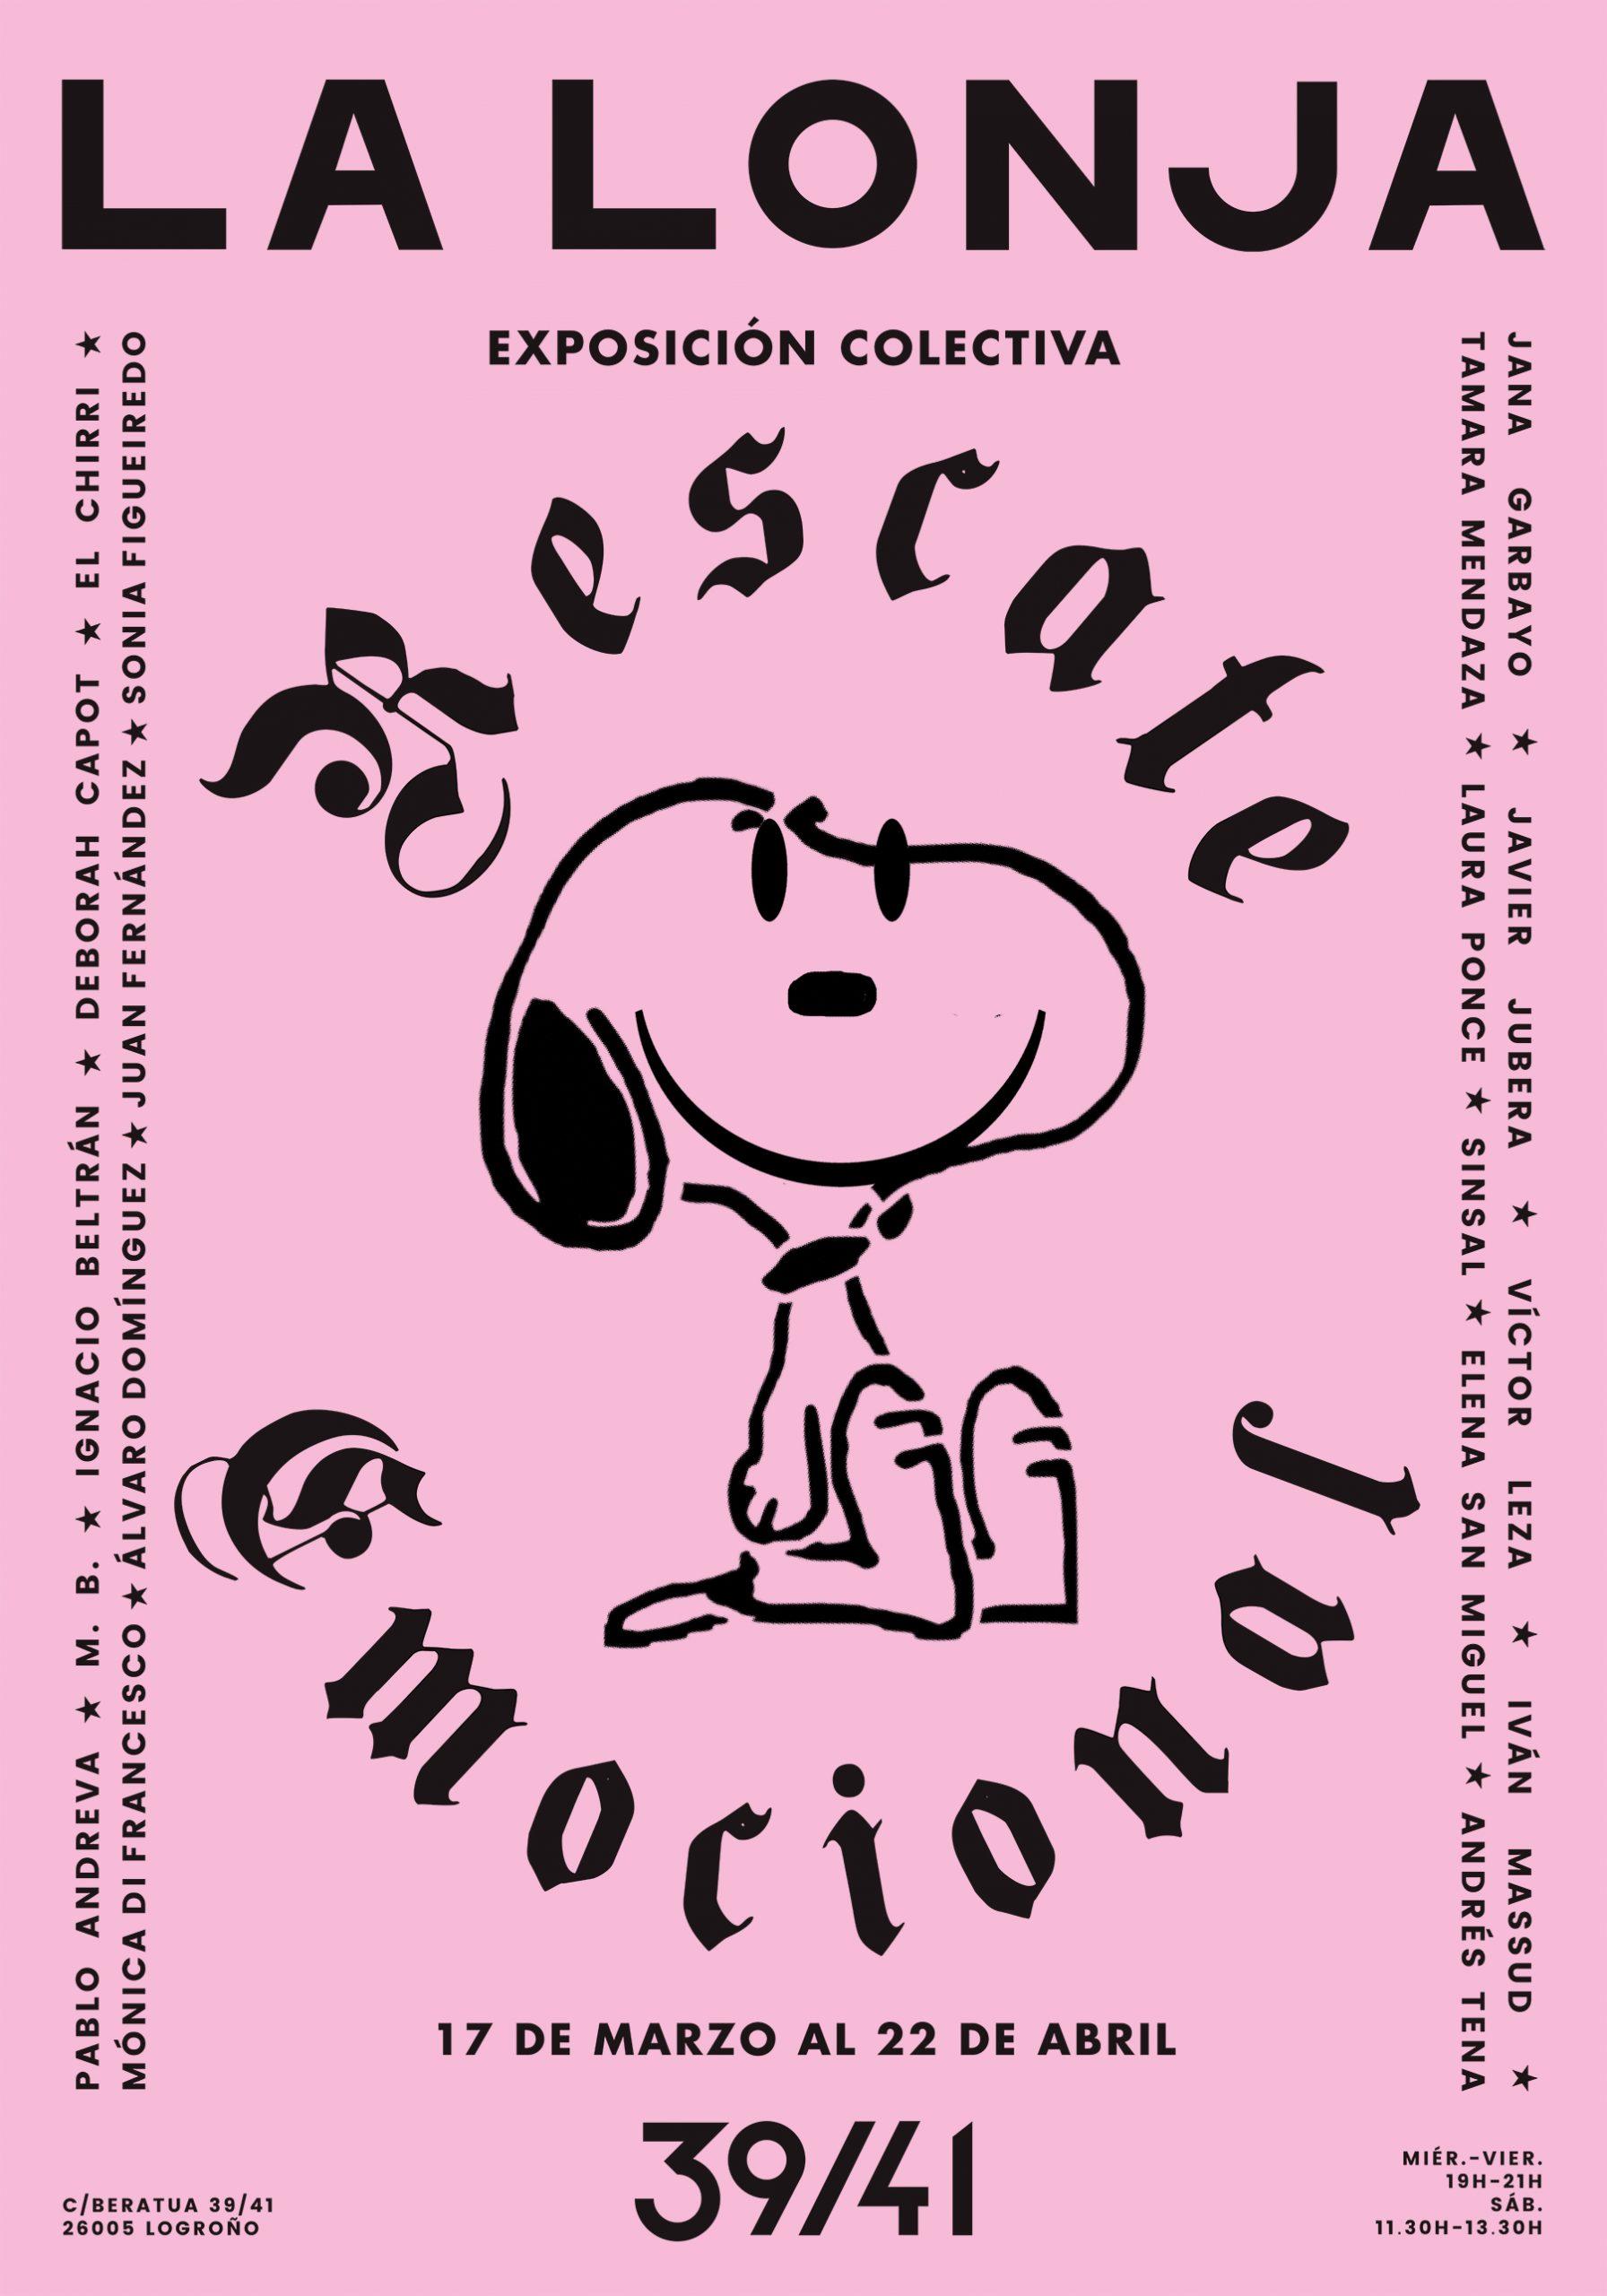 RESCATE EMOCIONAL / COLECTIVA 17.MAR.- 22.ABR.2018